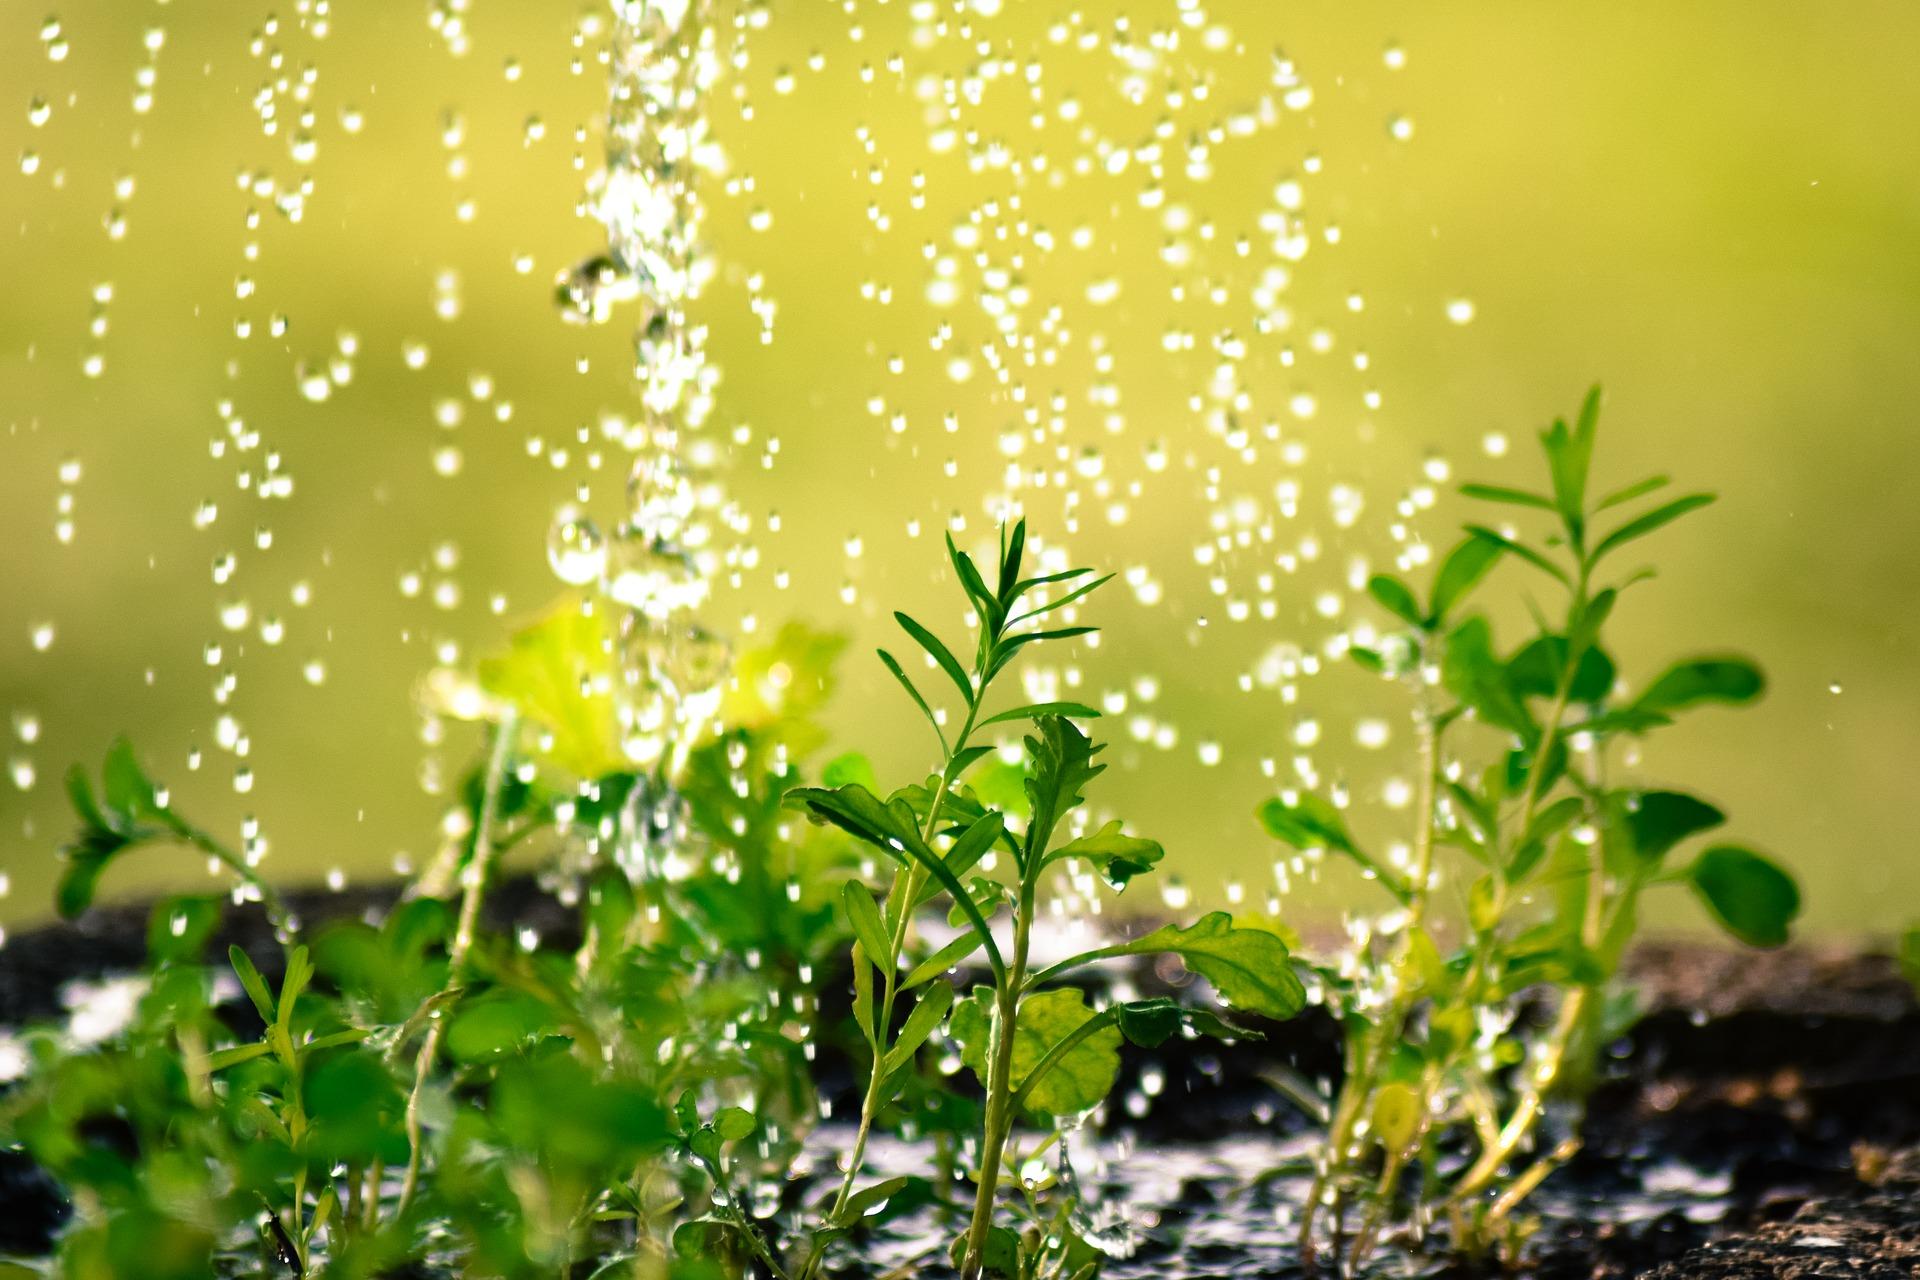 drop of water 2342870 1920 - Inicio